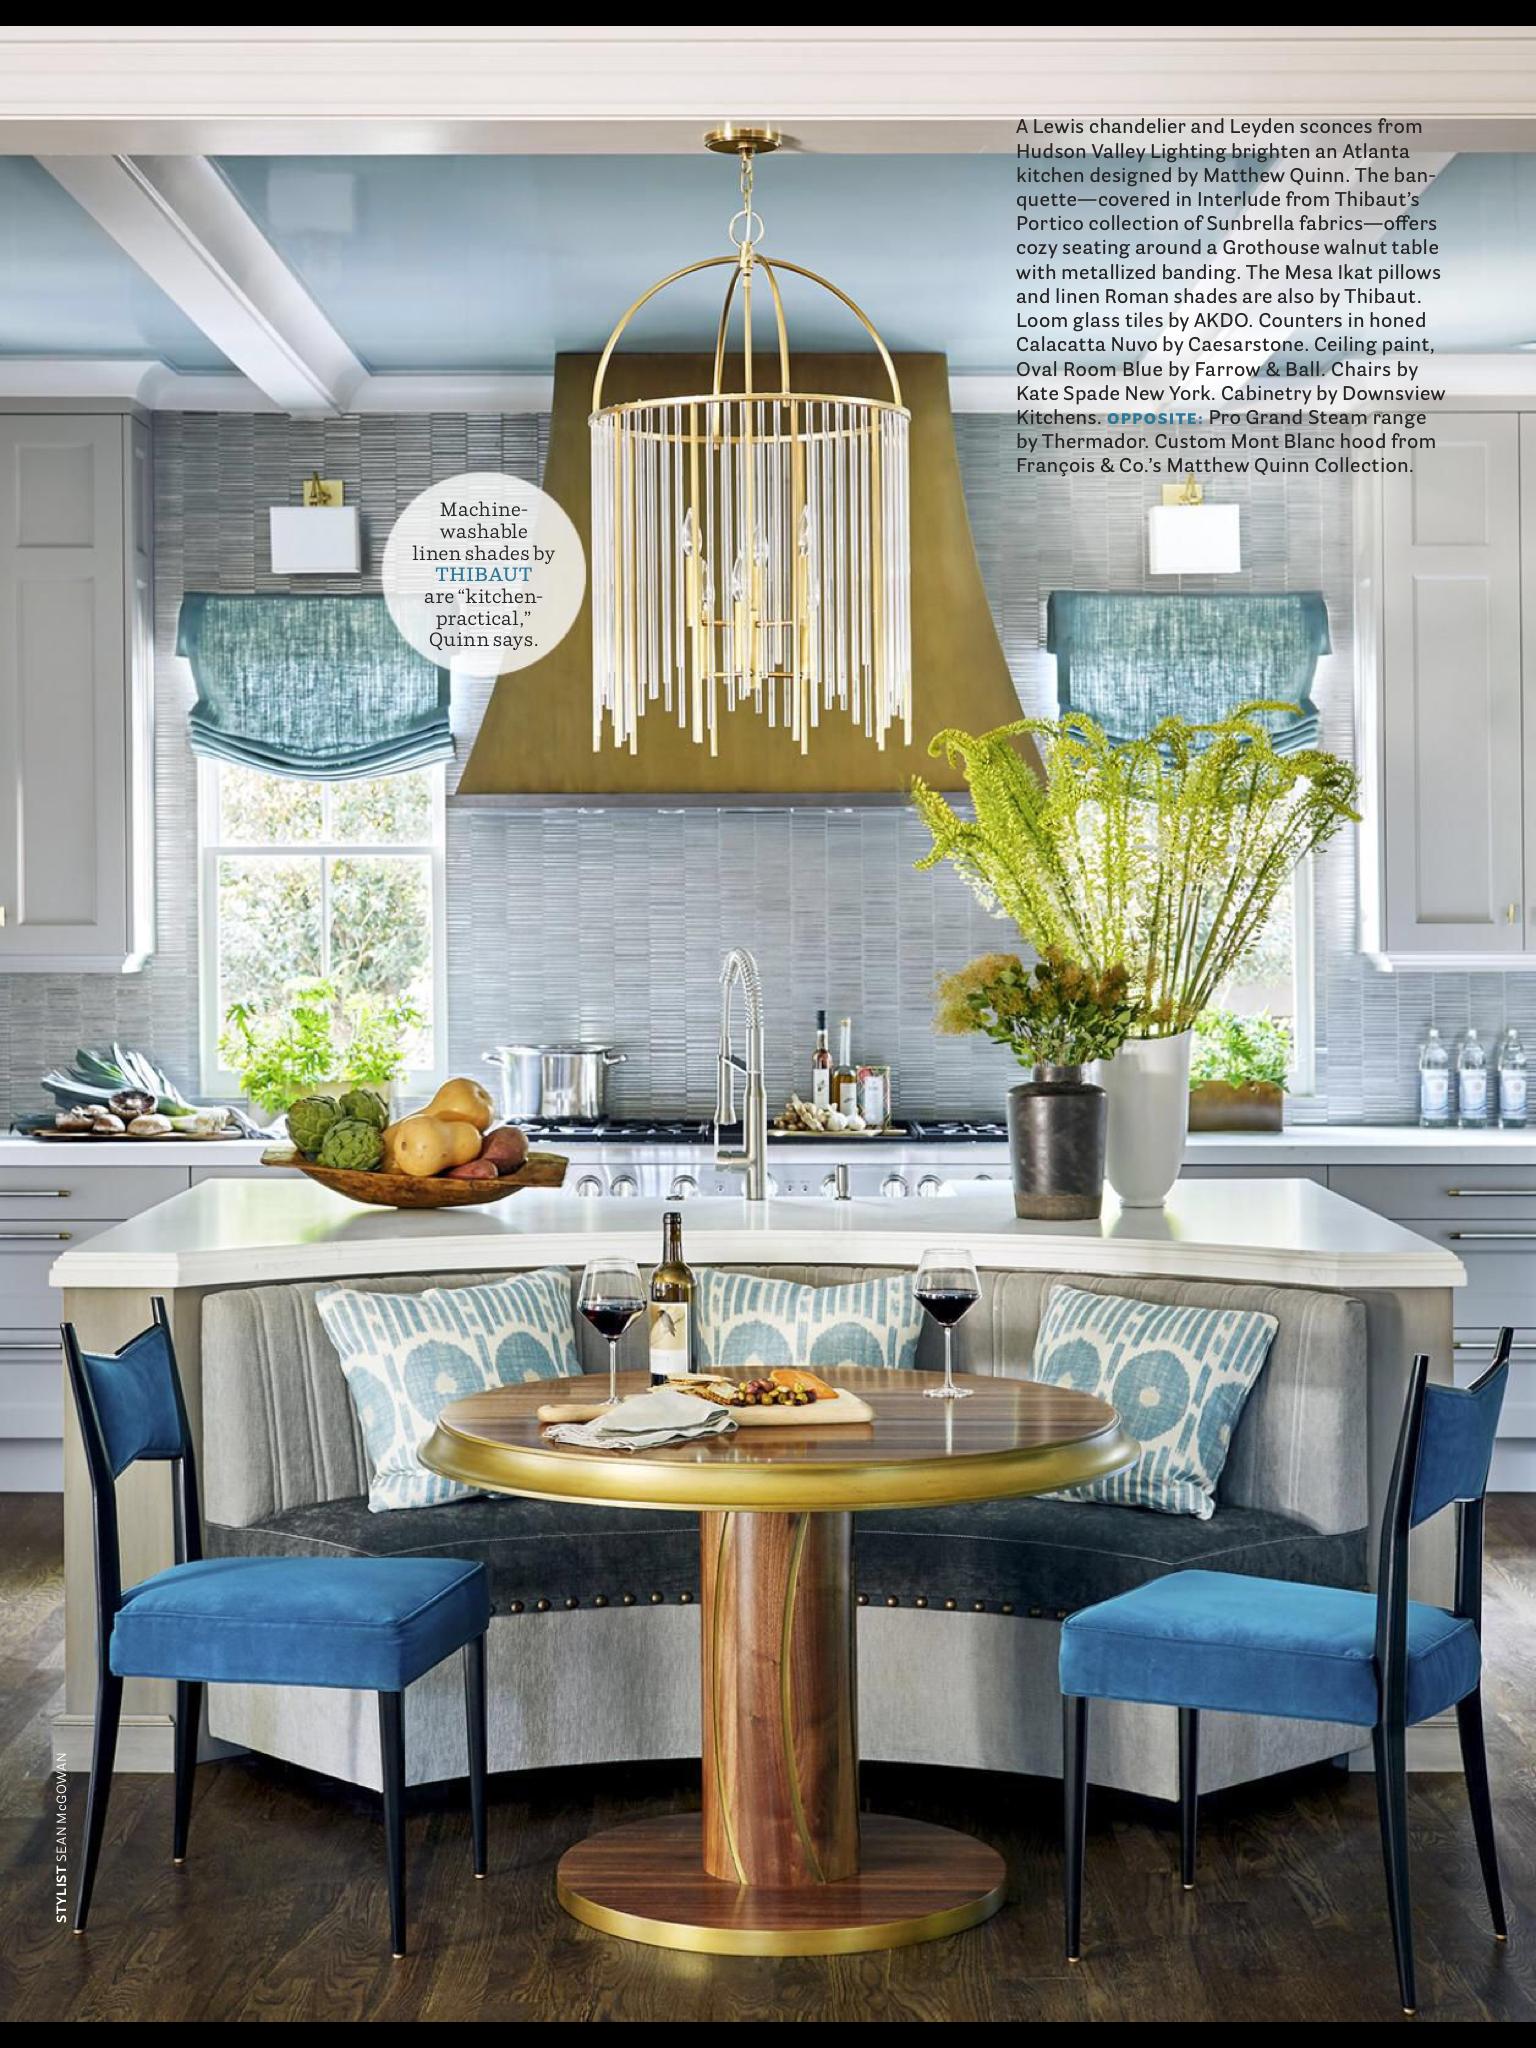 Pin von Olga Bergman auf Home Design Ideas | Pinterest | Küche